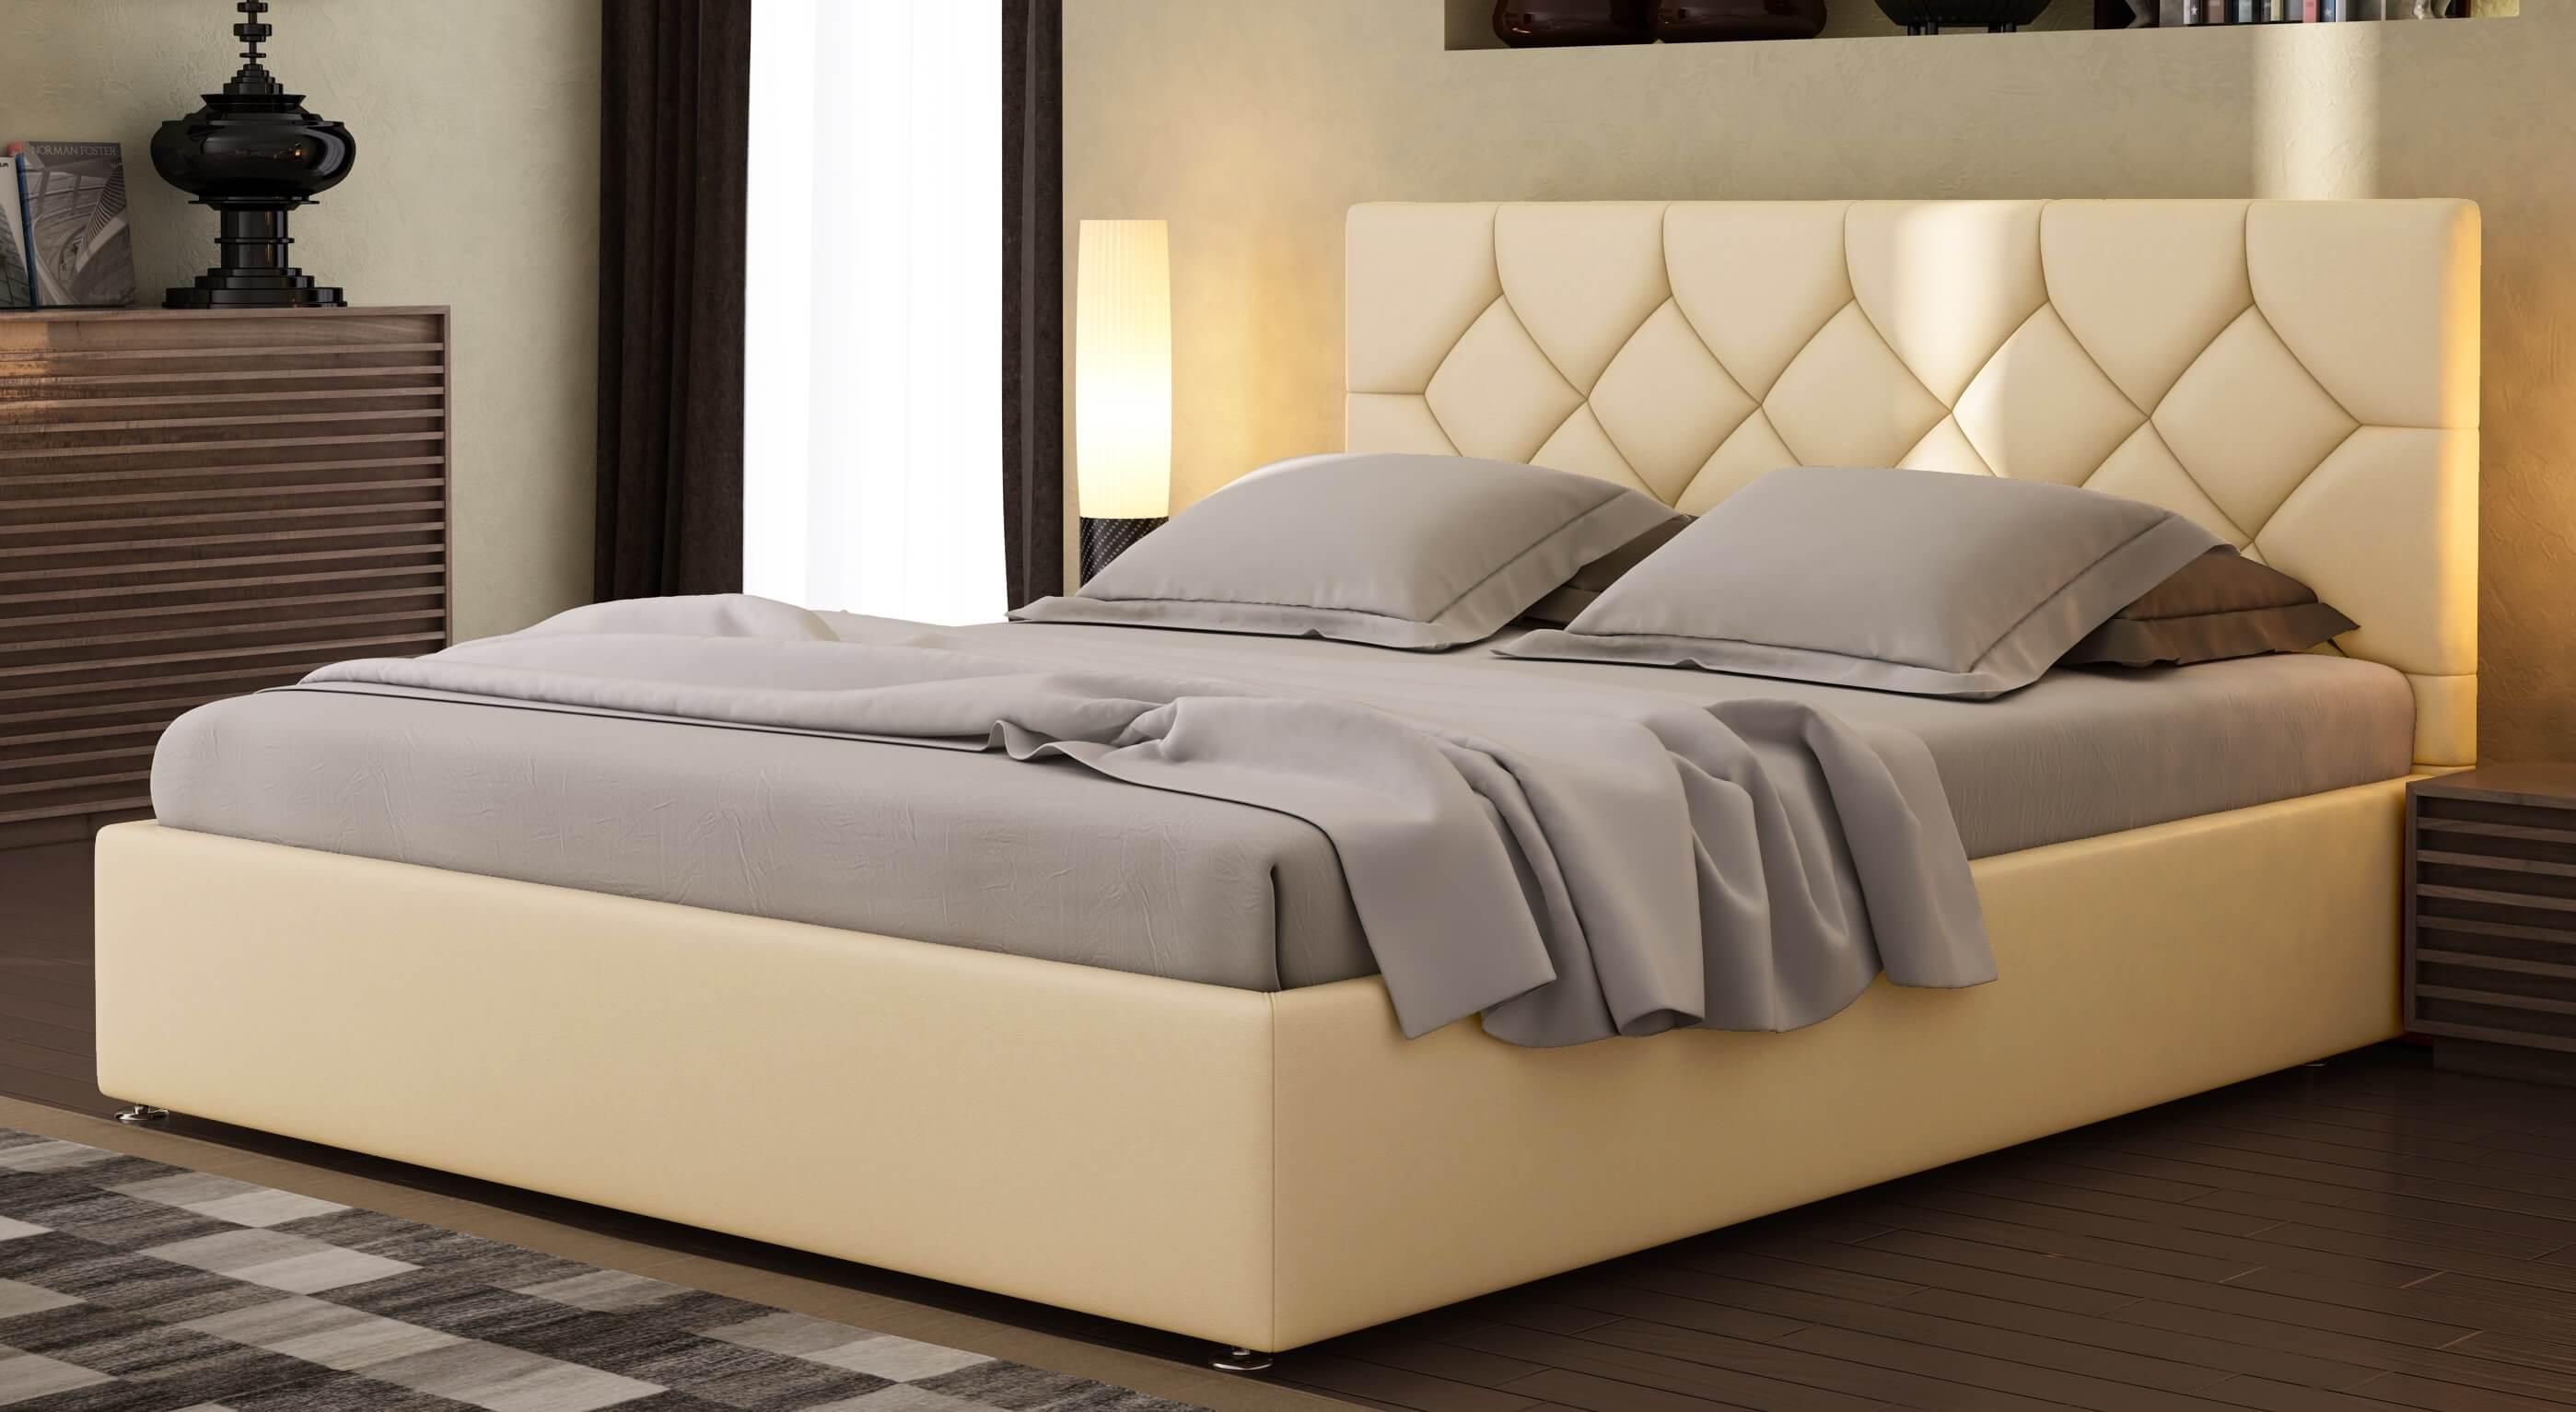 Бежевая кровать по фэн-шуй